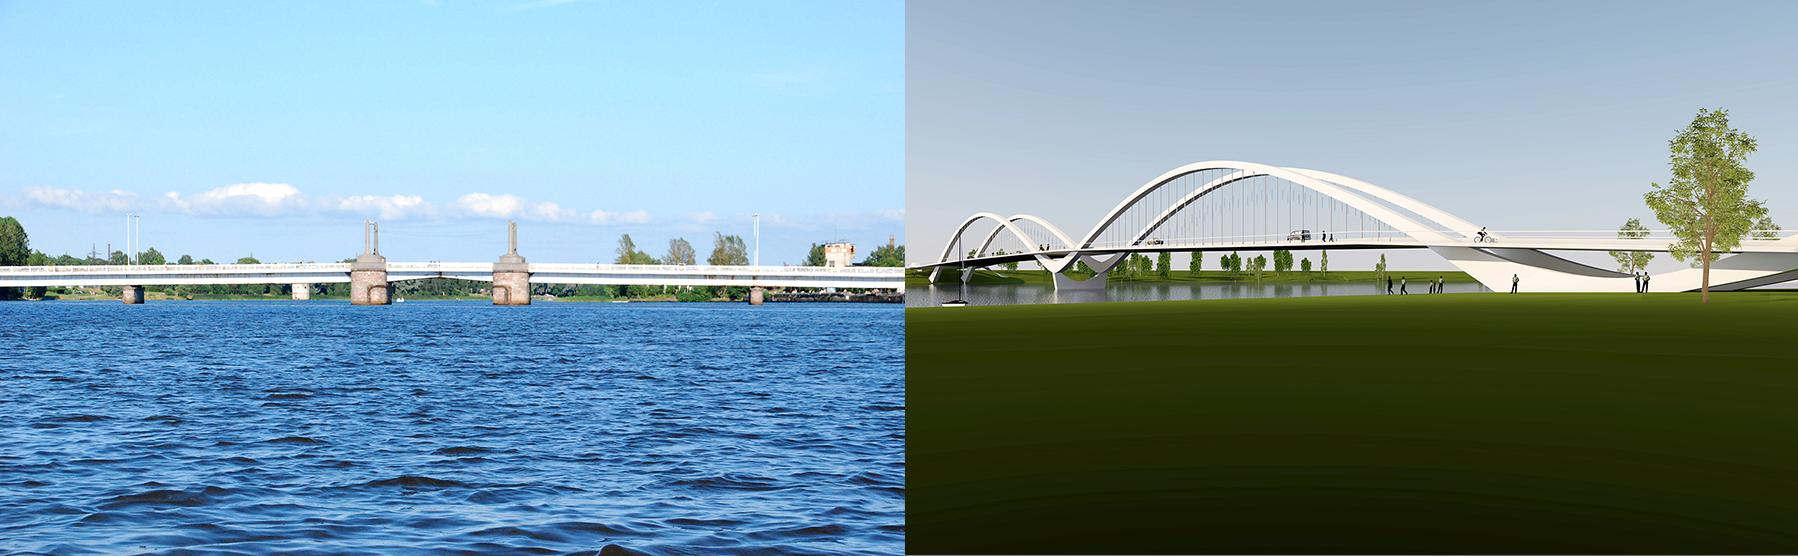 Pärnu Kesklinna sild ja Pärnu kesklinna kavandatava uue autosilla võistlustöö võidutöö Luik 3D visuaal. Foto: Urmas Saard  / Külauudised